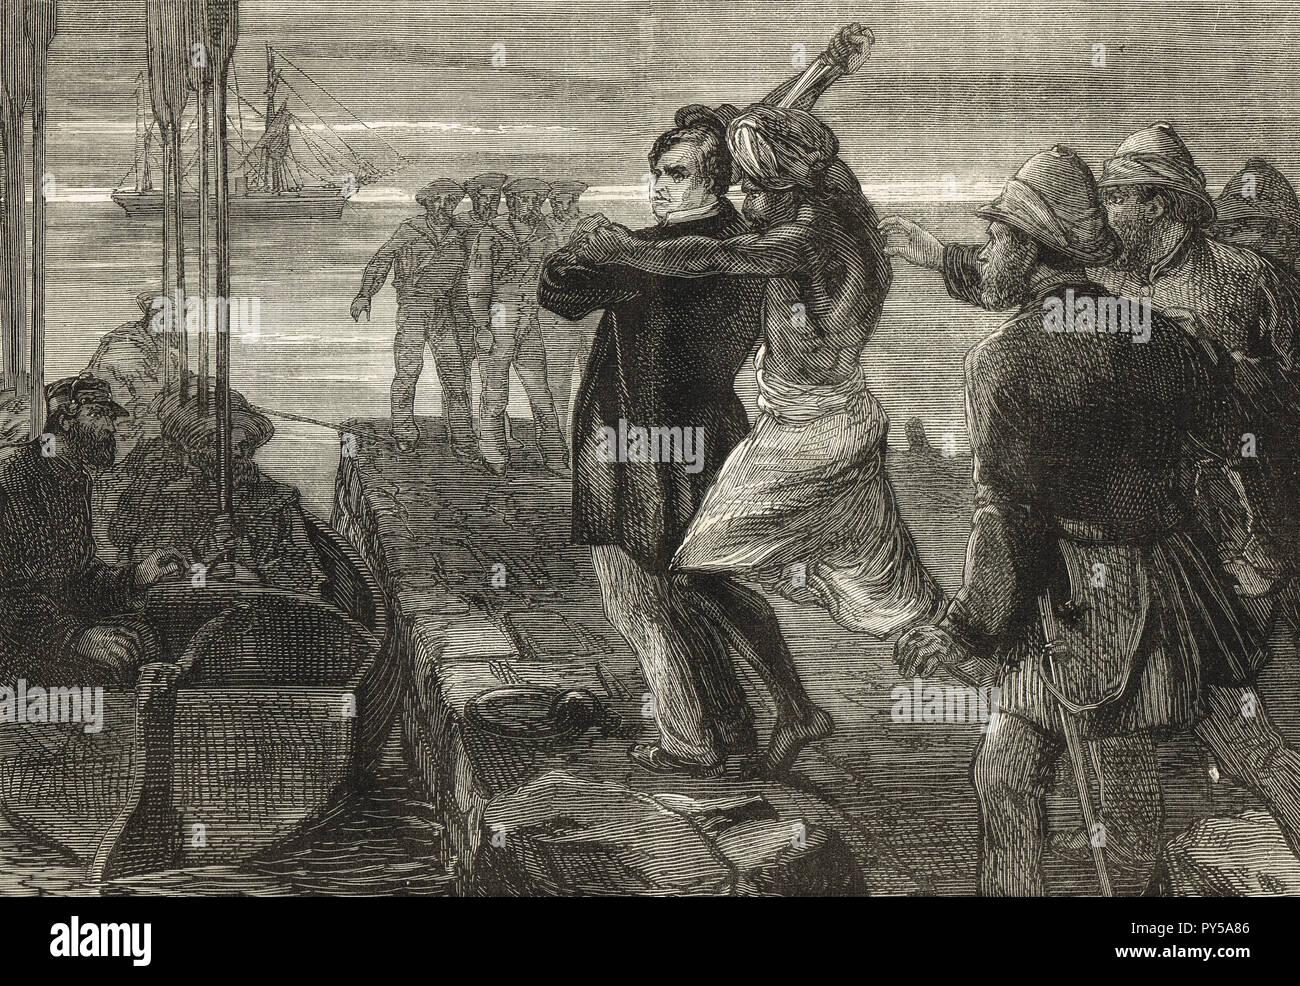 L'assassinio del conte di Mayo, Viceré di India, mentre visitano l'insediamento trusty a Port Blair nelle isole Andamane, in data 8 febbraio 1872. Assassinato da Sher Ali Afridi un Afridi Pathan condannare. Immagini Stock